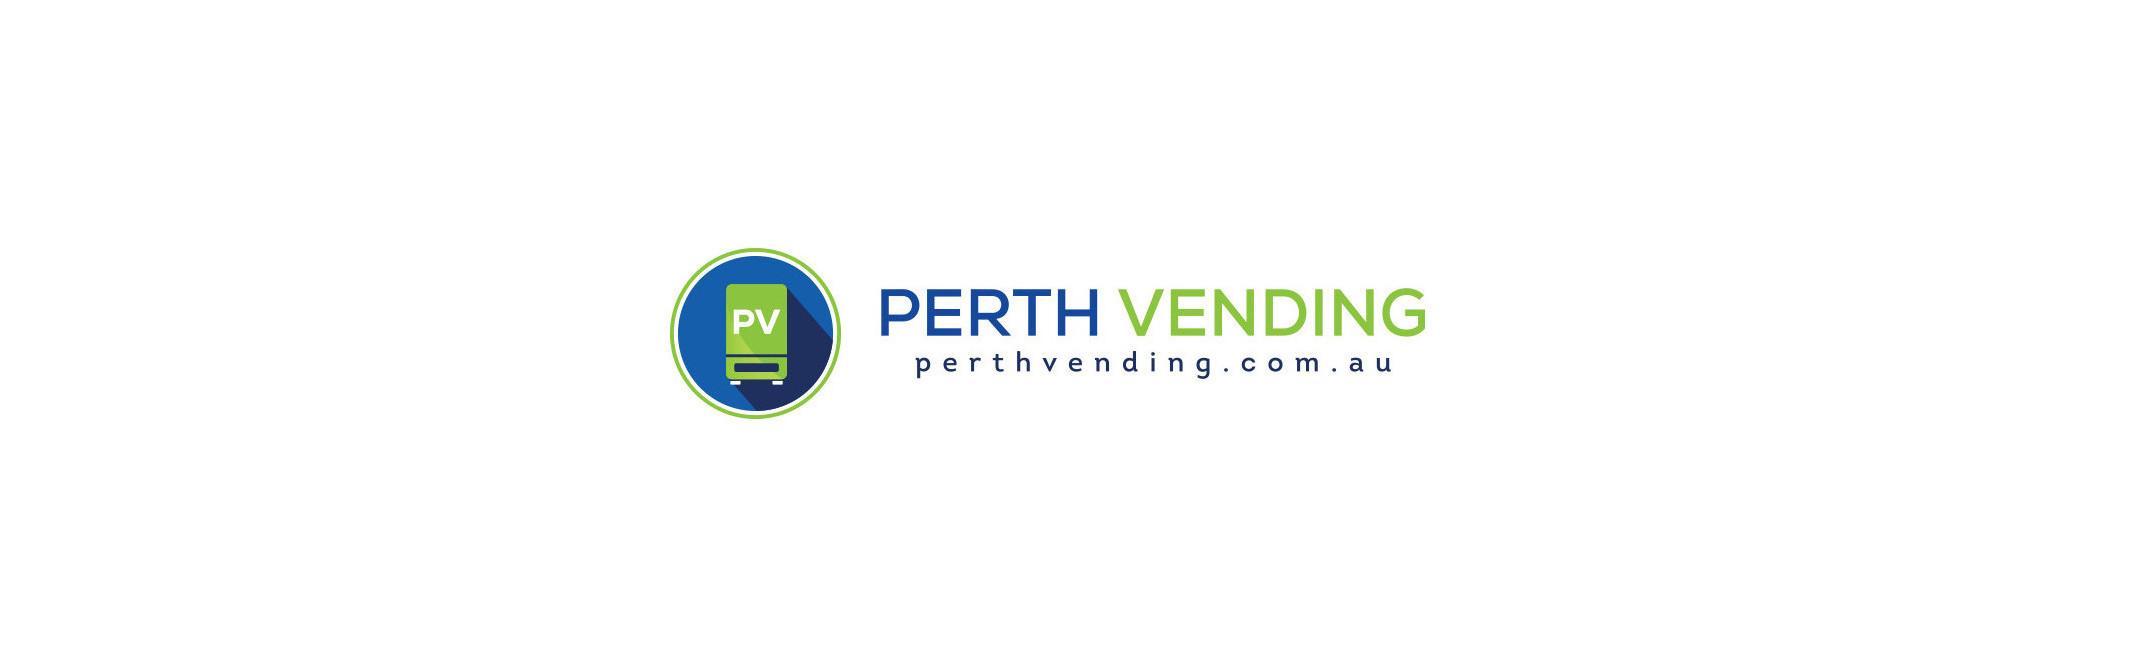 Perth Vending